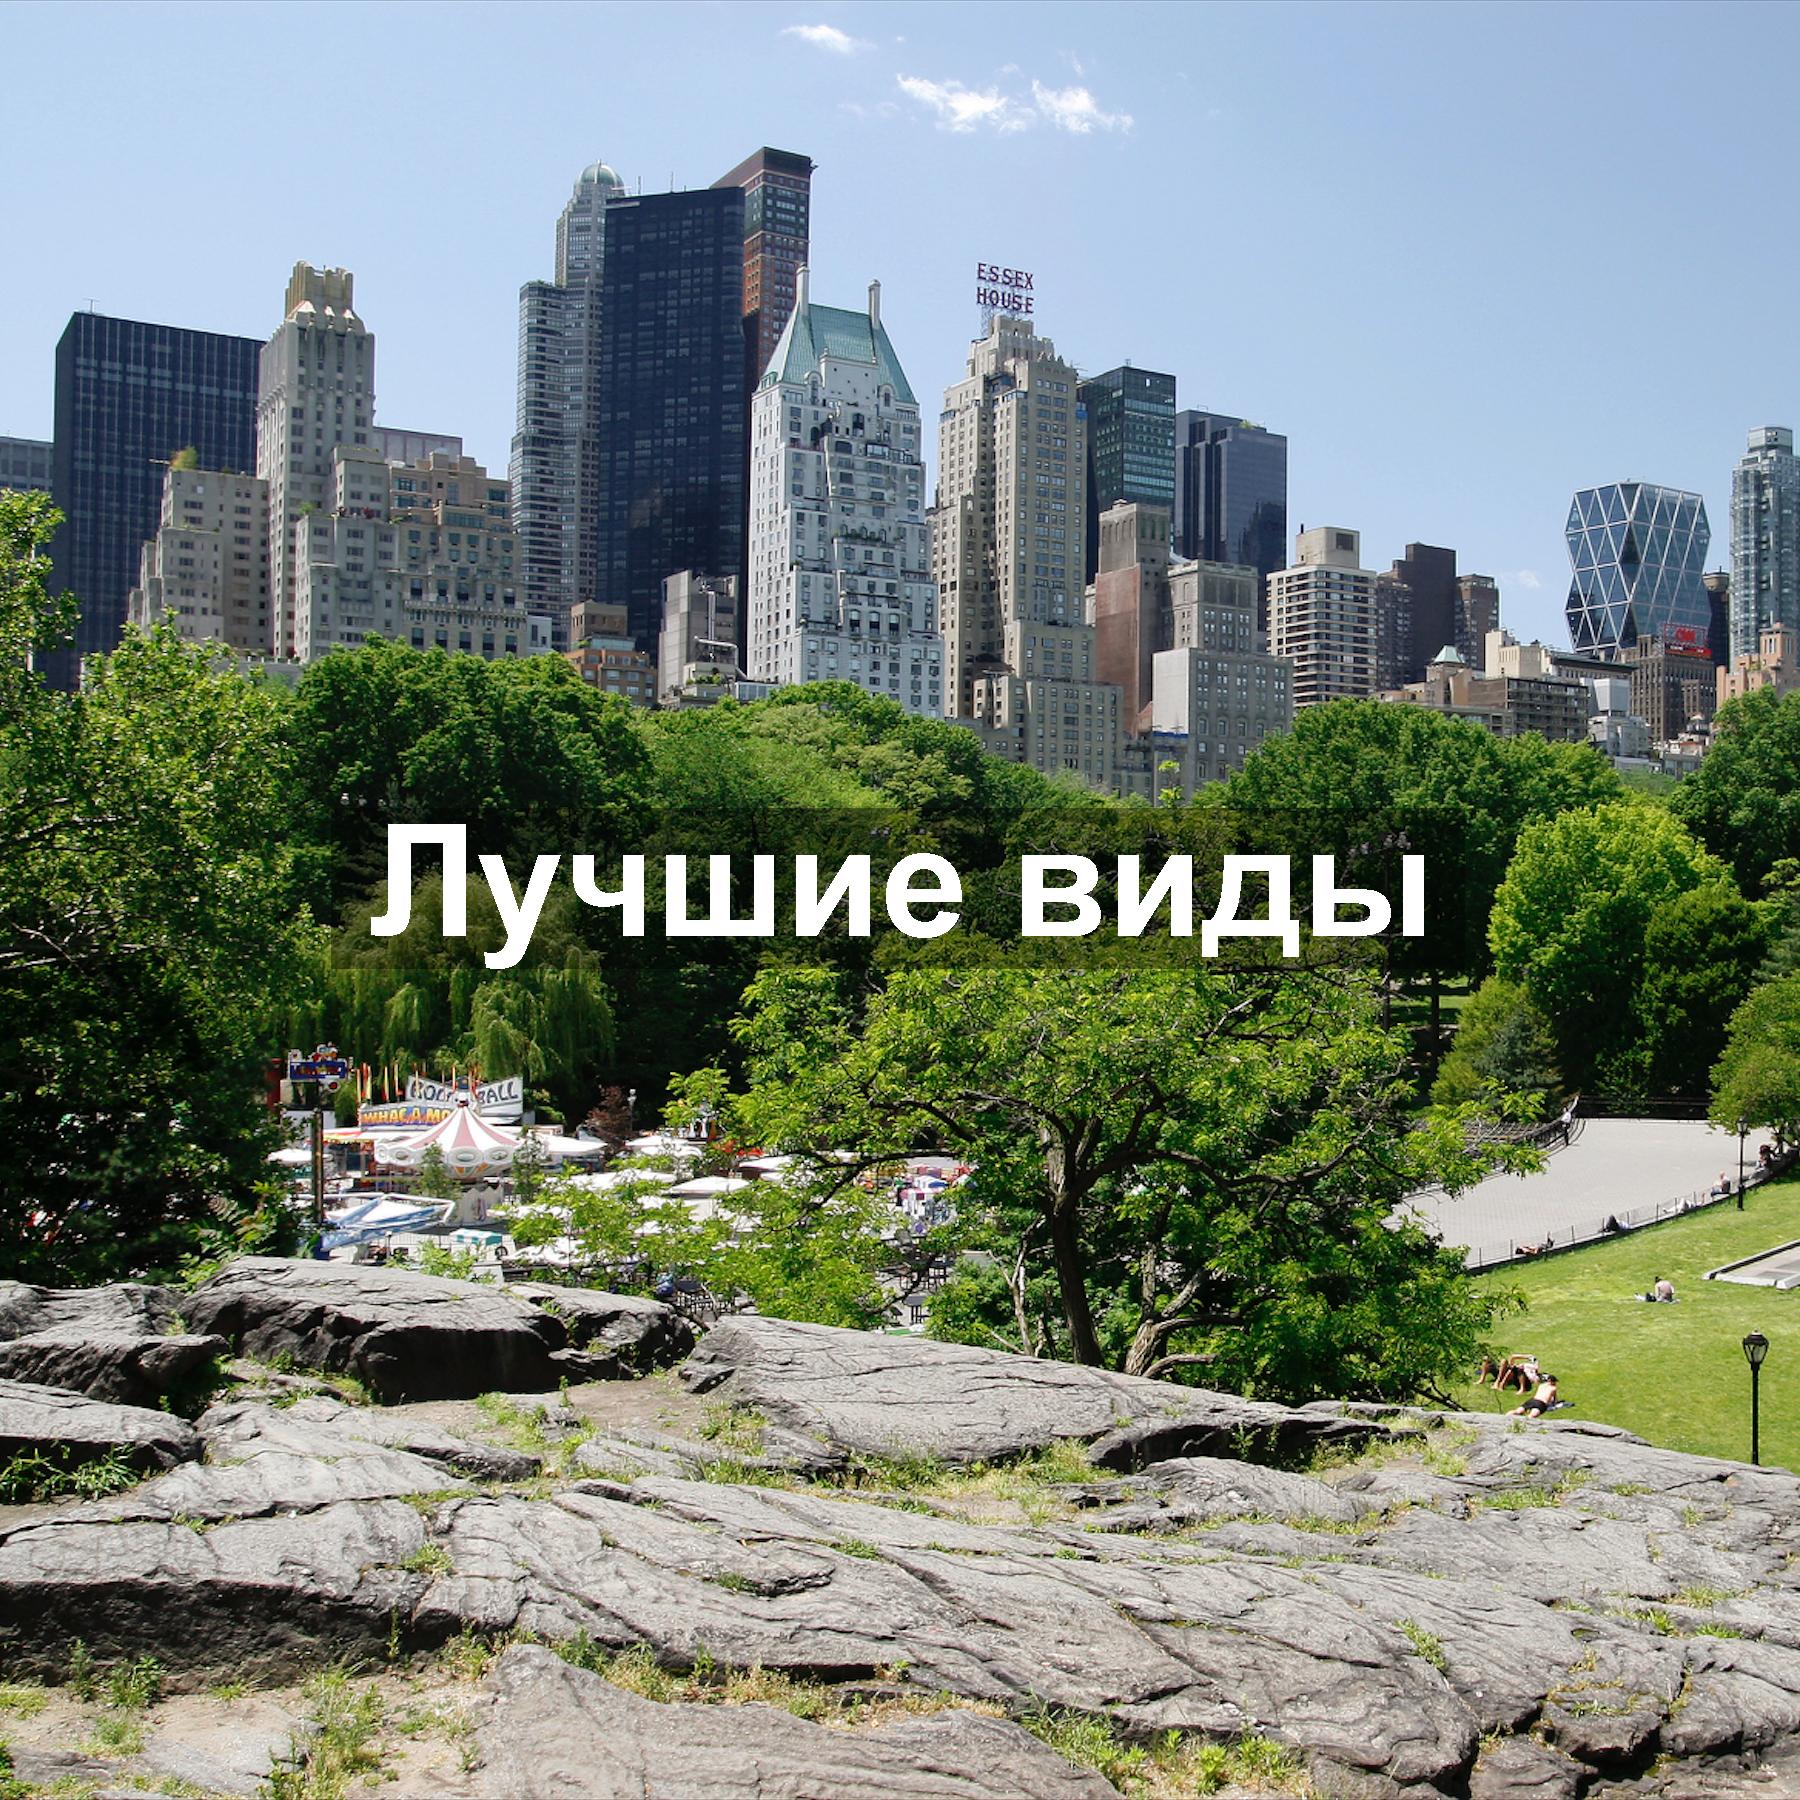 Лучшие_виды_центрального_парка_кинолокации_Ньюйоркгид_Иван_Федин.jpg